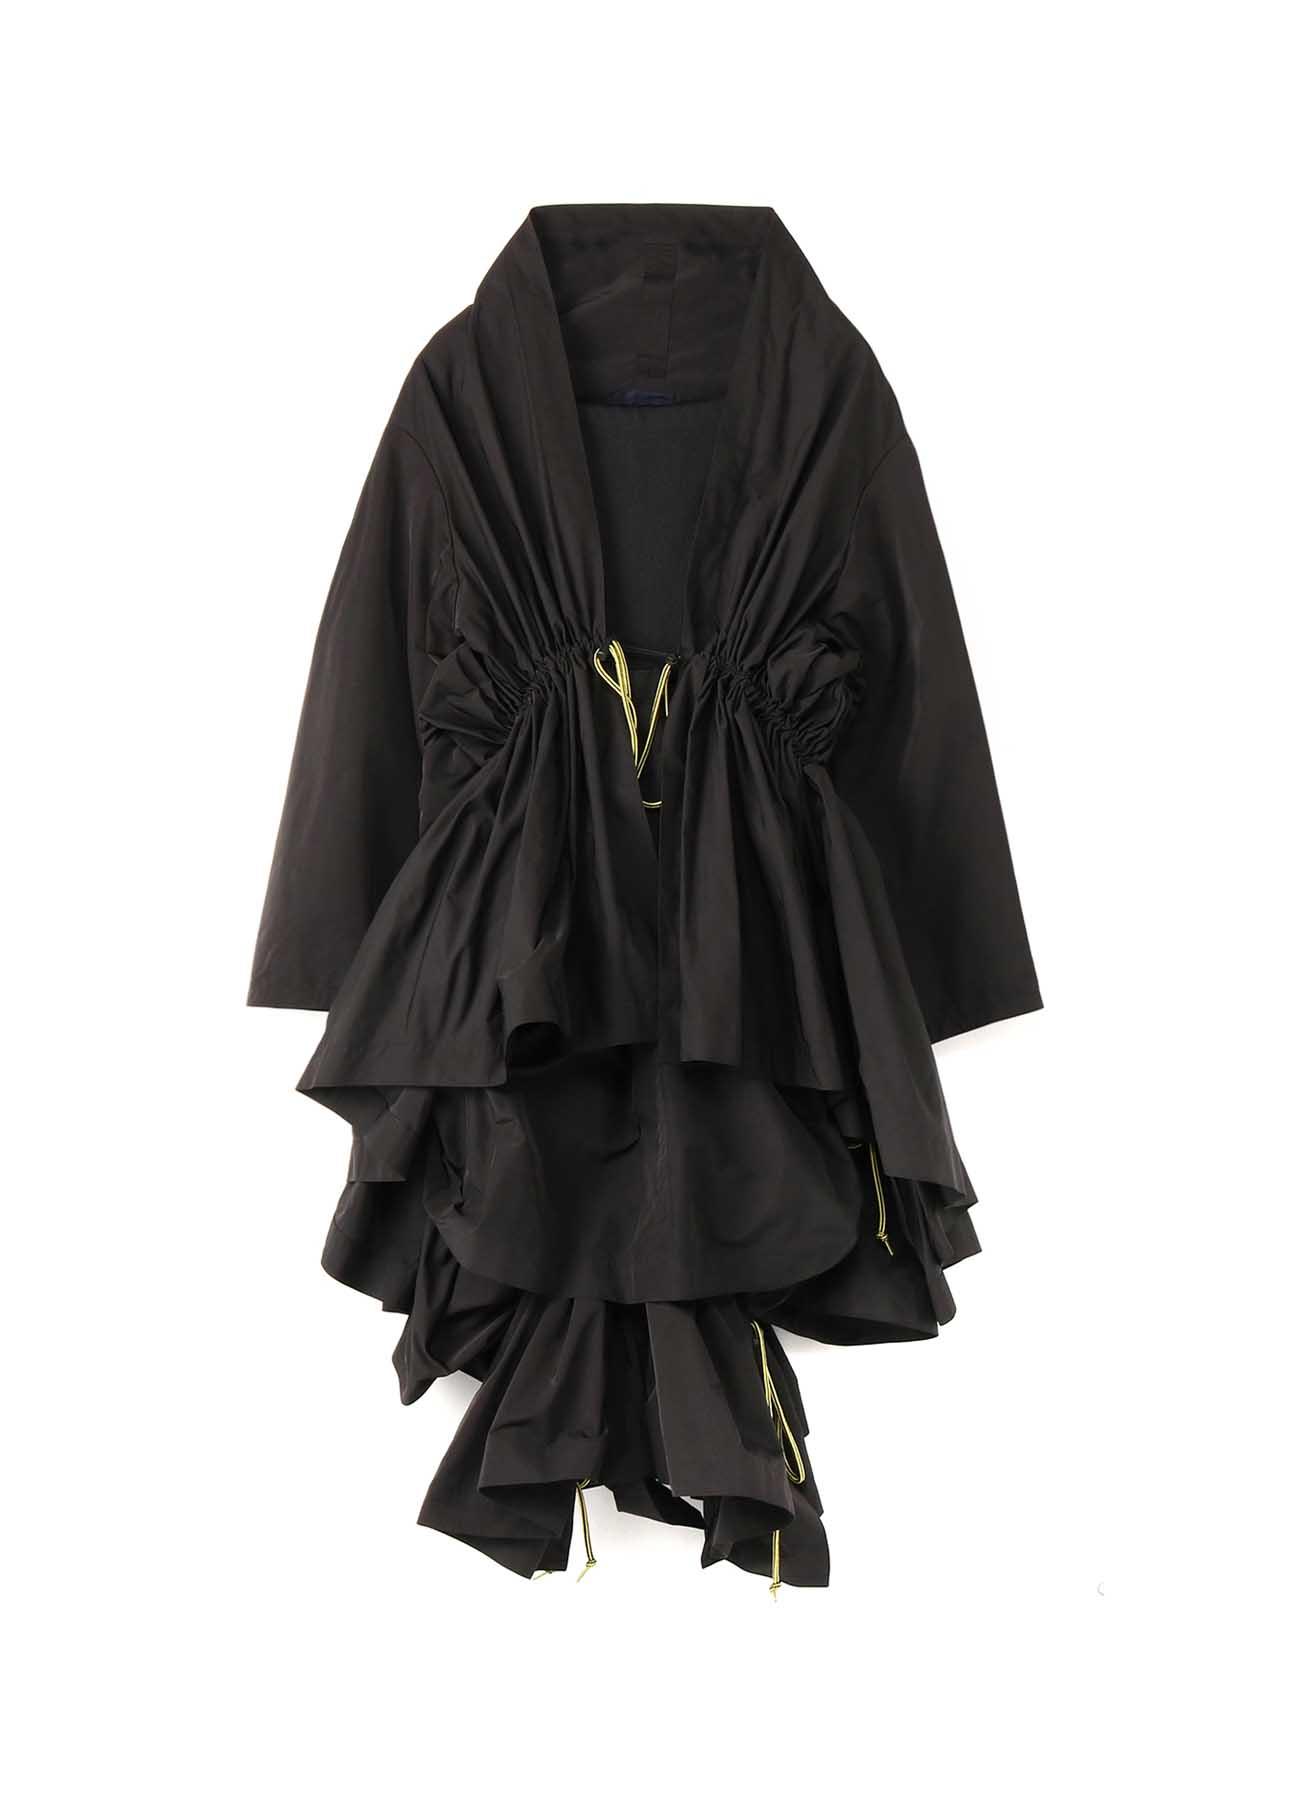 メモリーギャバドロストドレス